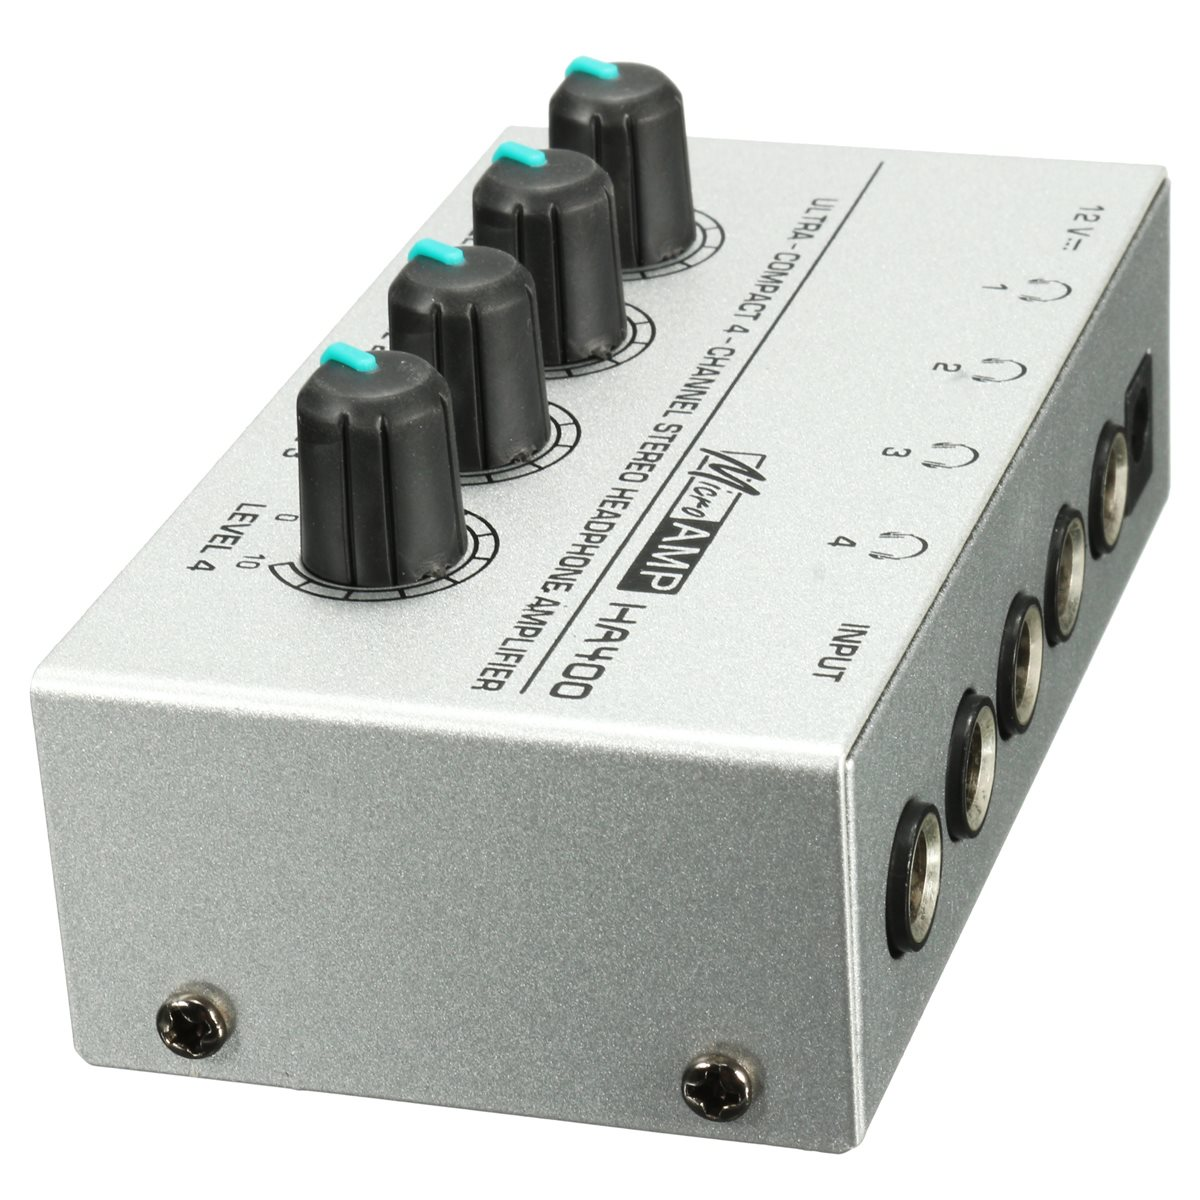 Ultrakompakte 4 Kanäle Mini Audio Verstärker Stereo Kopfhörer ...